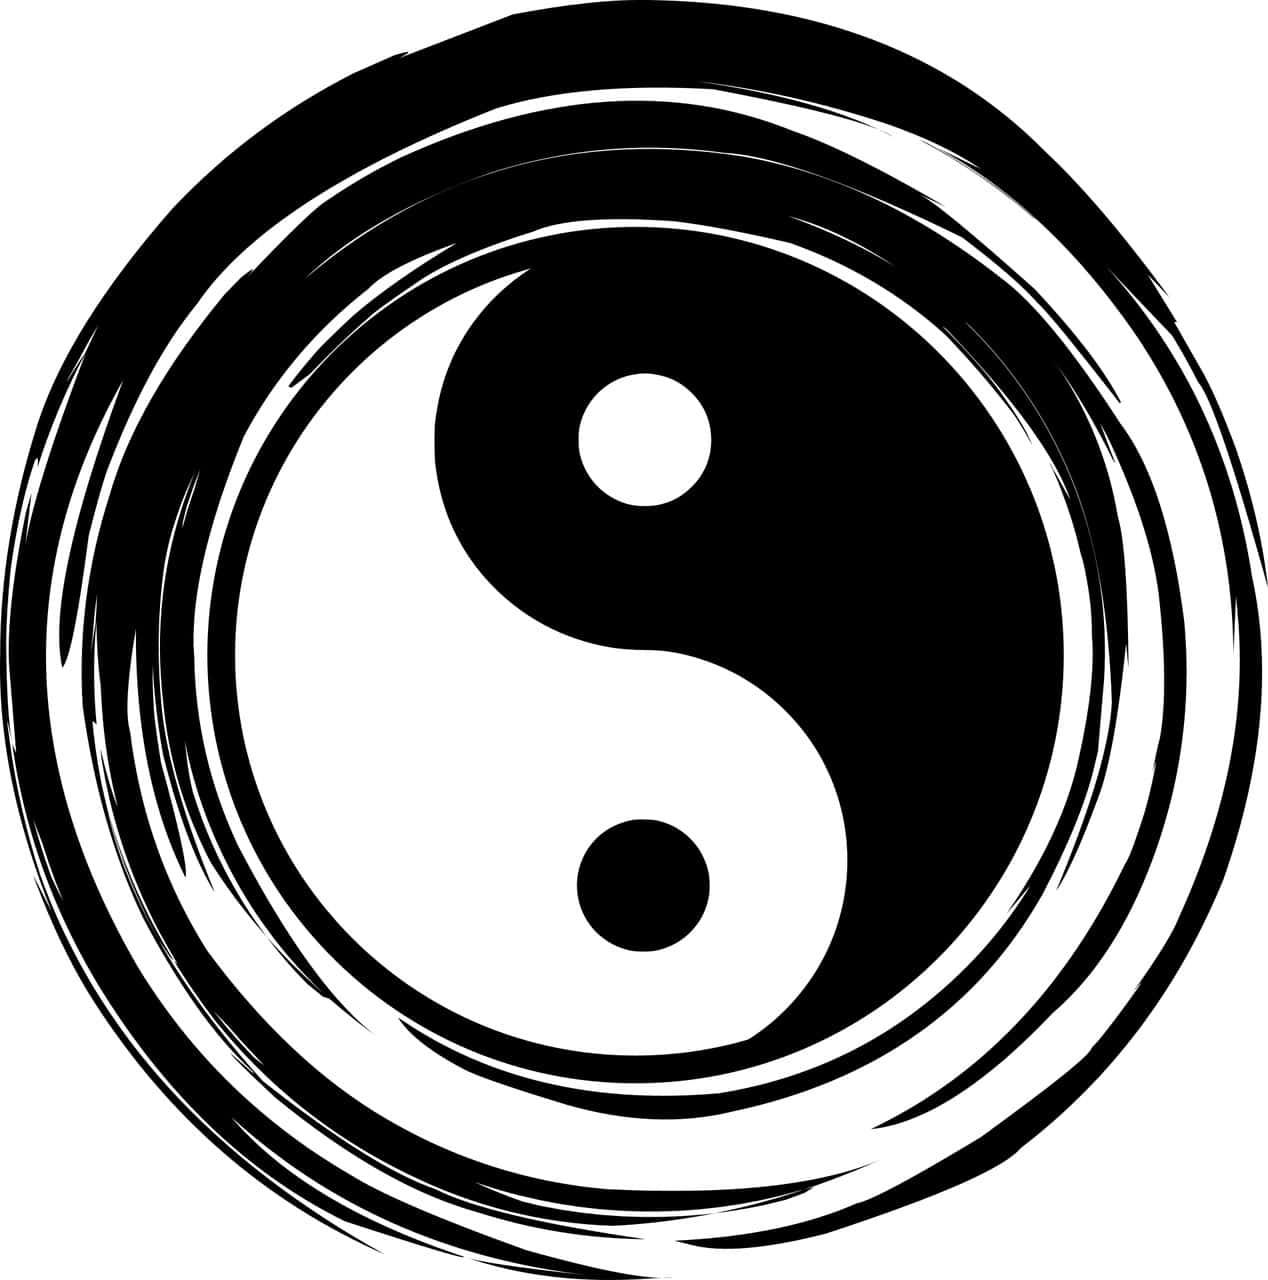 design-di-un-negozio,-simbolo-del-Tao